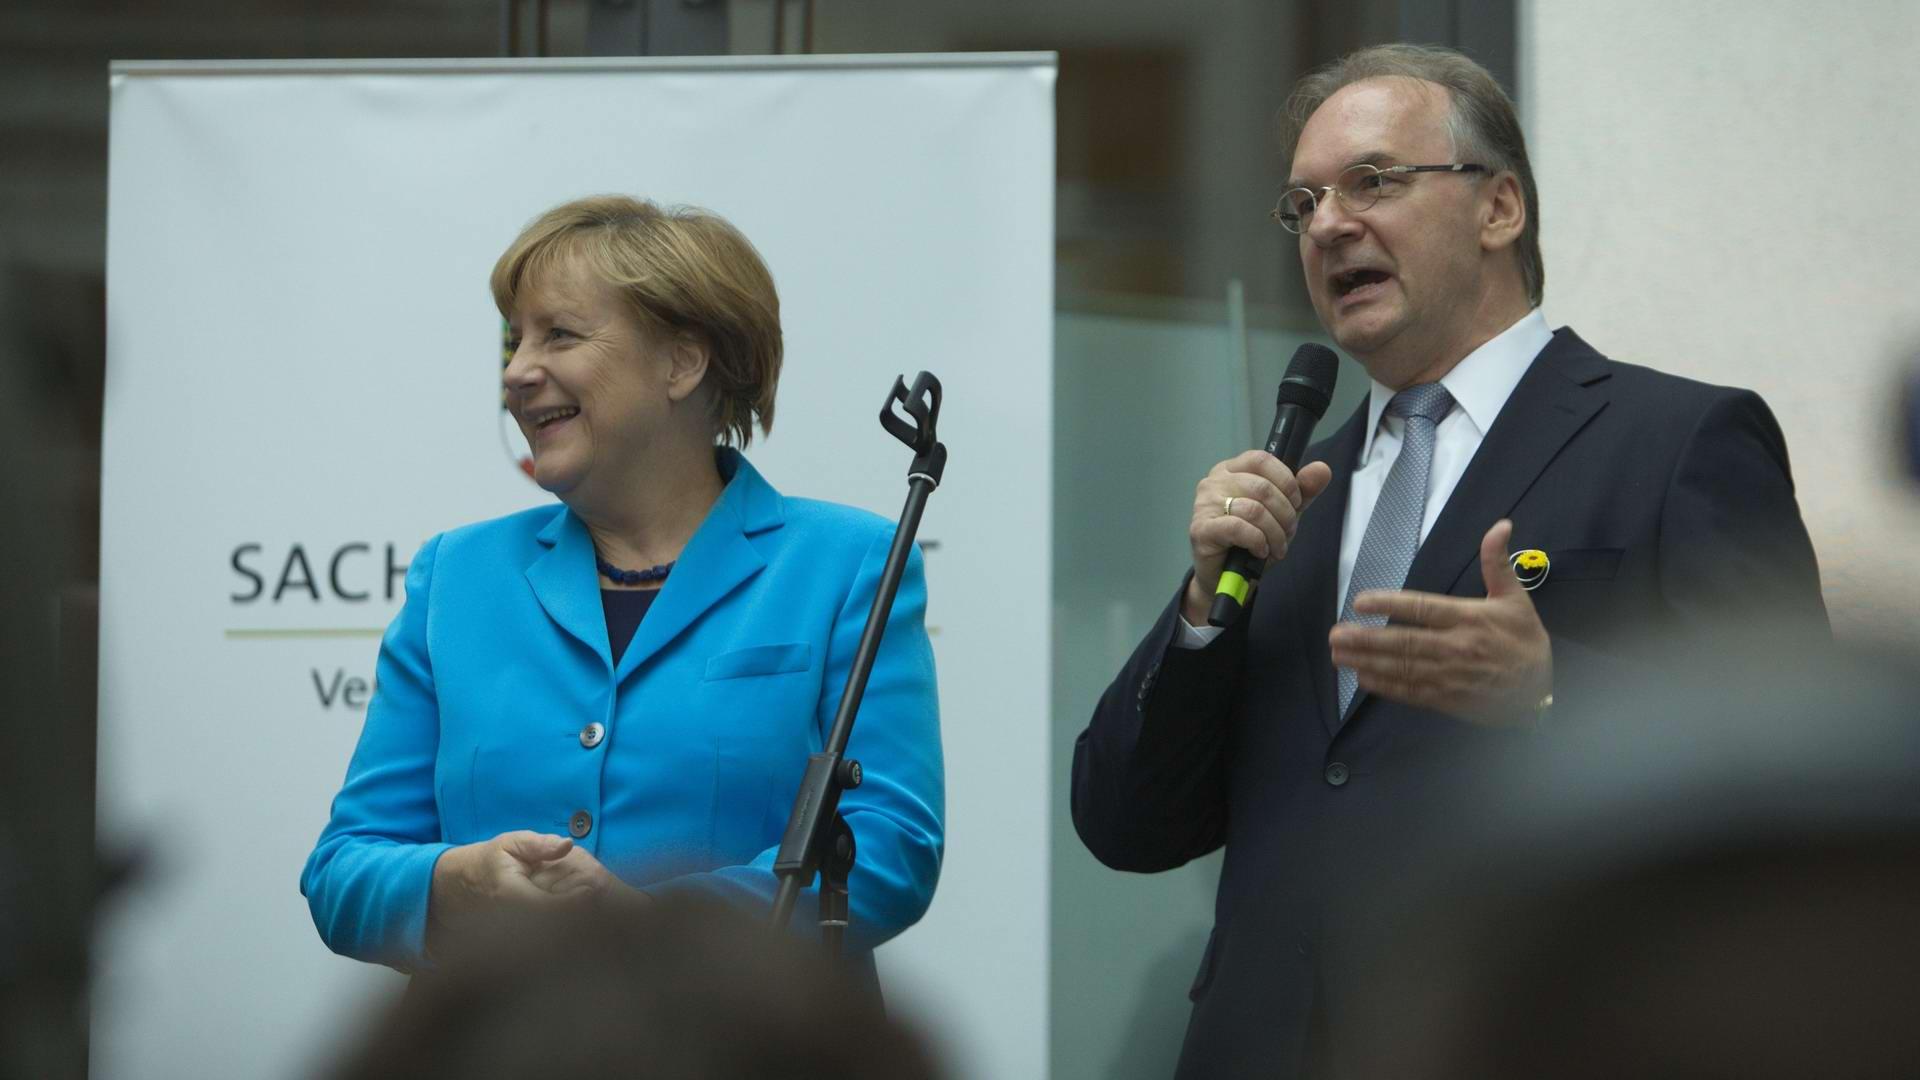 MP Sachsen Anhalt Dr. Reiner Haseloff, Bundeskanlzerin Dr. Angela Merkel Gregor Anthes